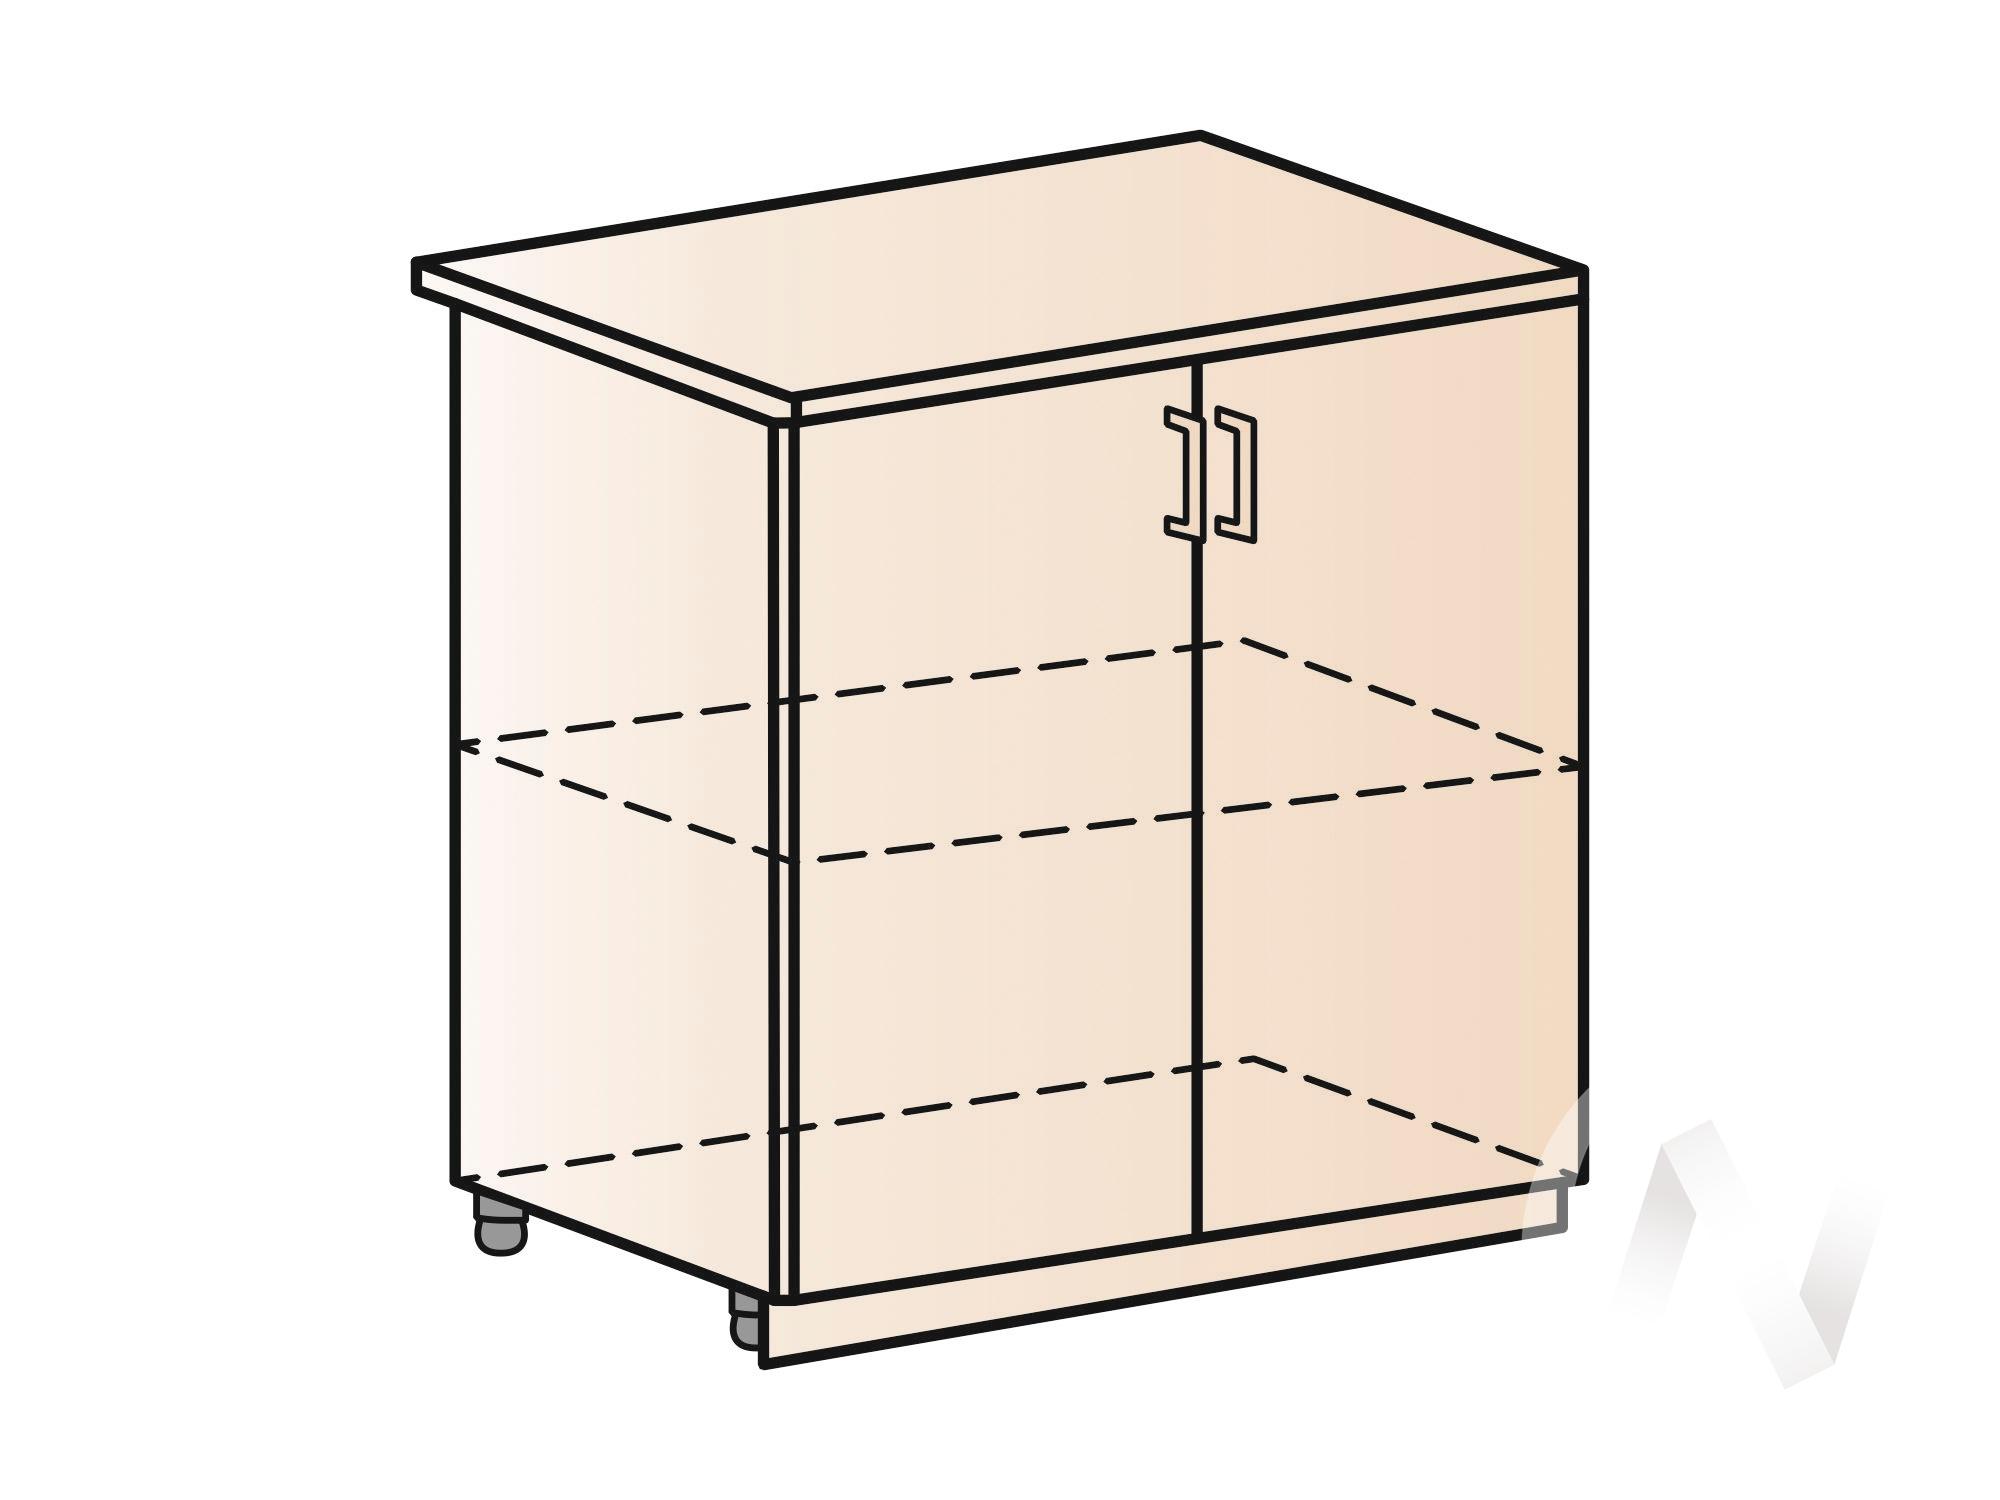 """Кухня """"Вена"""": Шкаф нижний 800, ШН 800 (корпус белый)  в Томске — интернет магазин МИРА-мебель"""